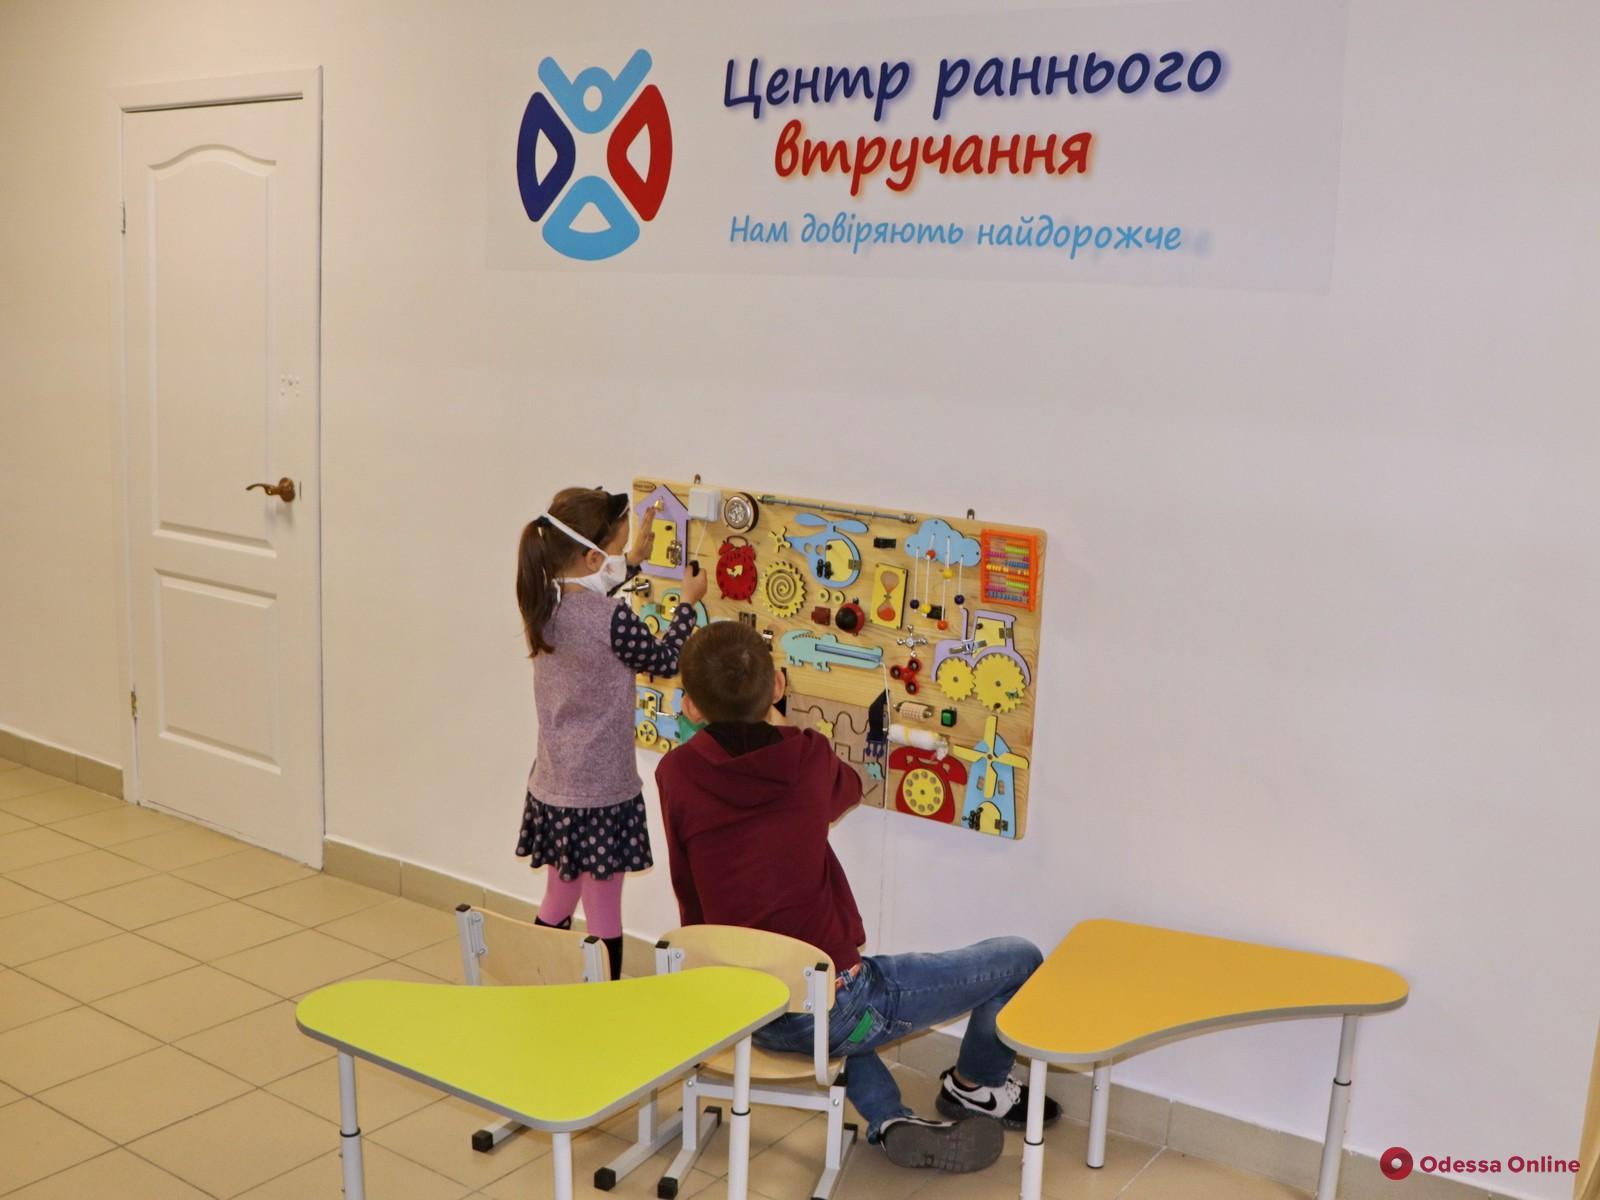 В одесской поликлинике заработал Центр раннего вмешательства (фото)